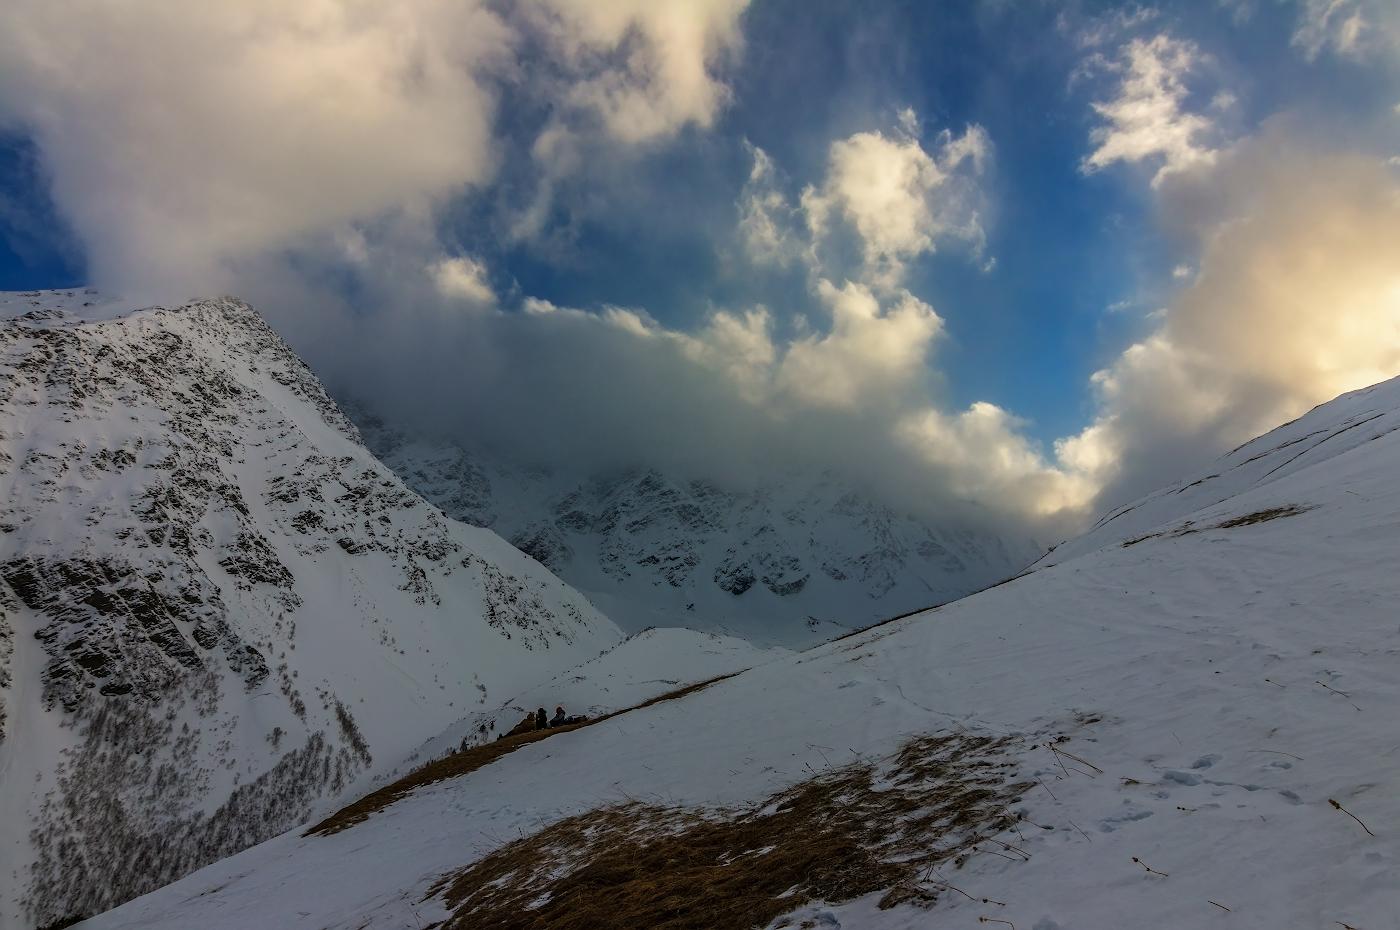 склоны горы Чегет, вершина Донгузорун (4454м), Приэльбрусье...